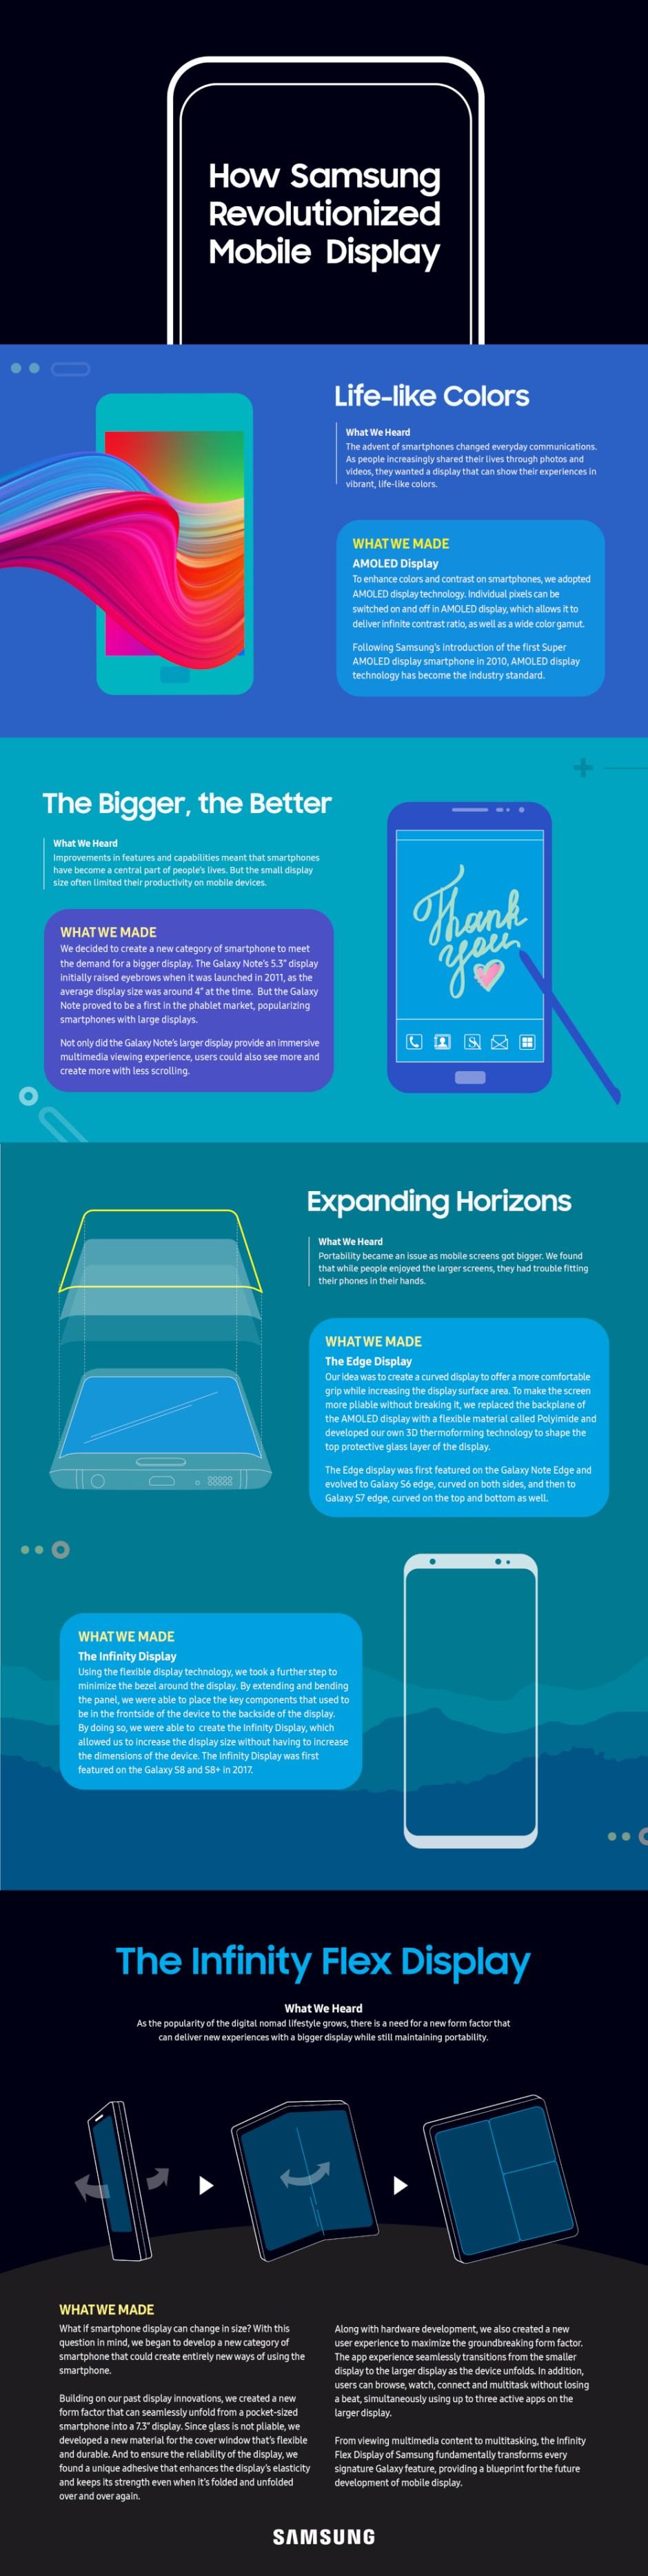 Infographie: les technologies d'écran selon Samsung.